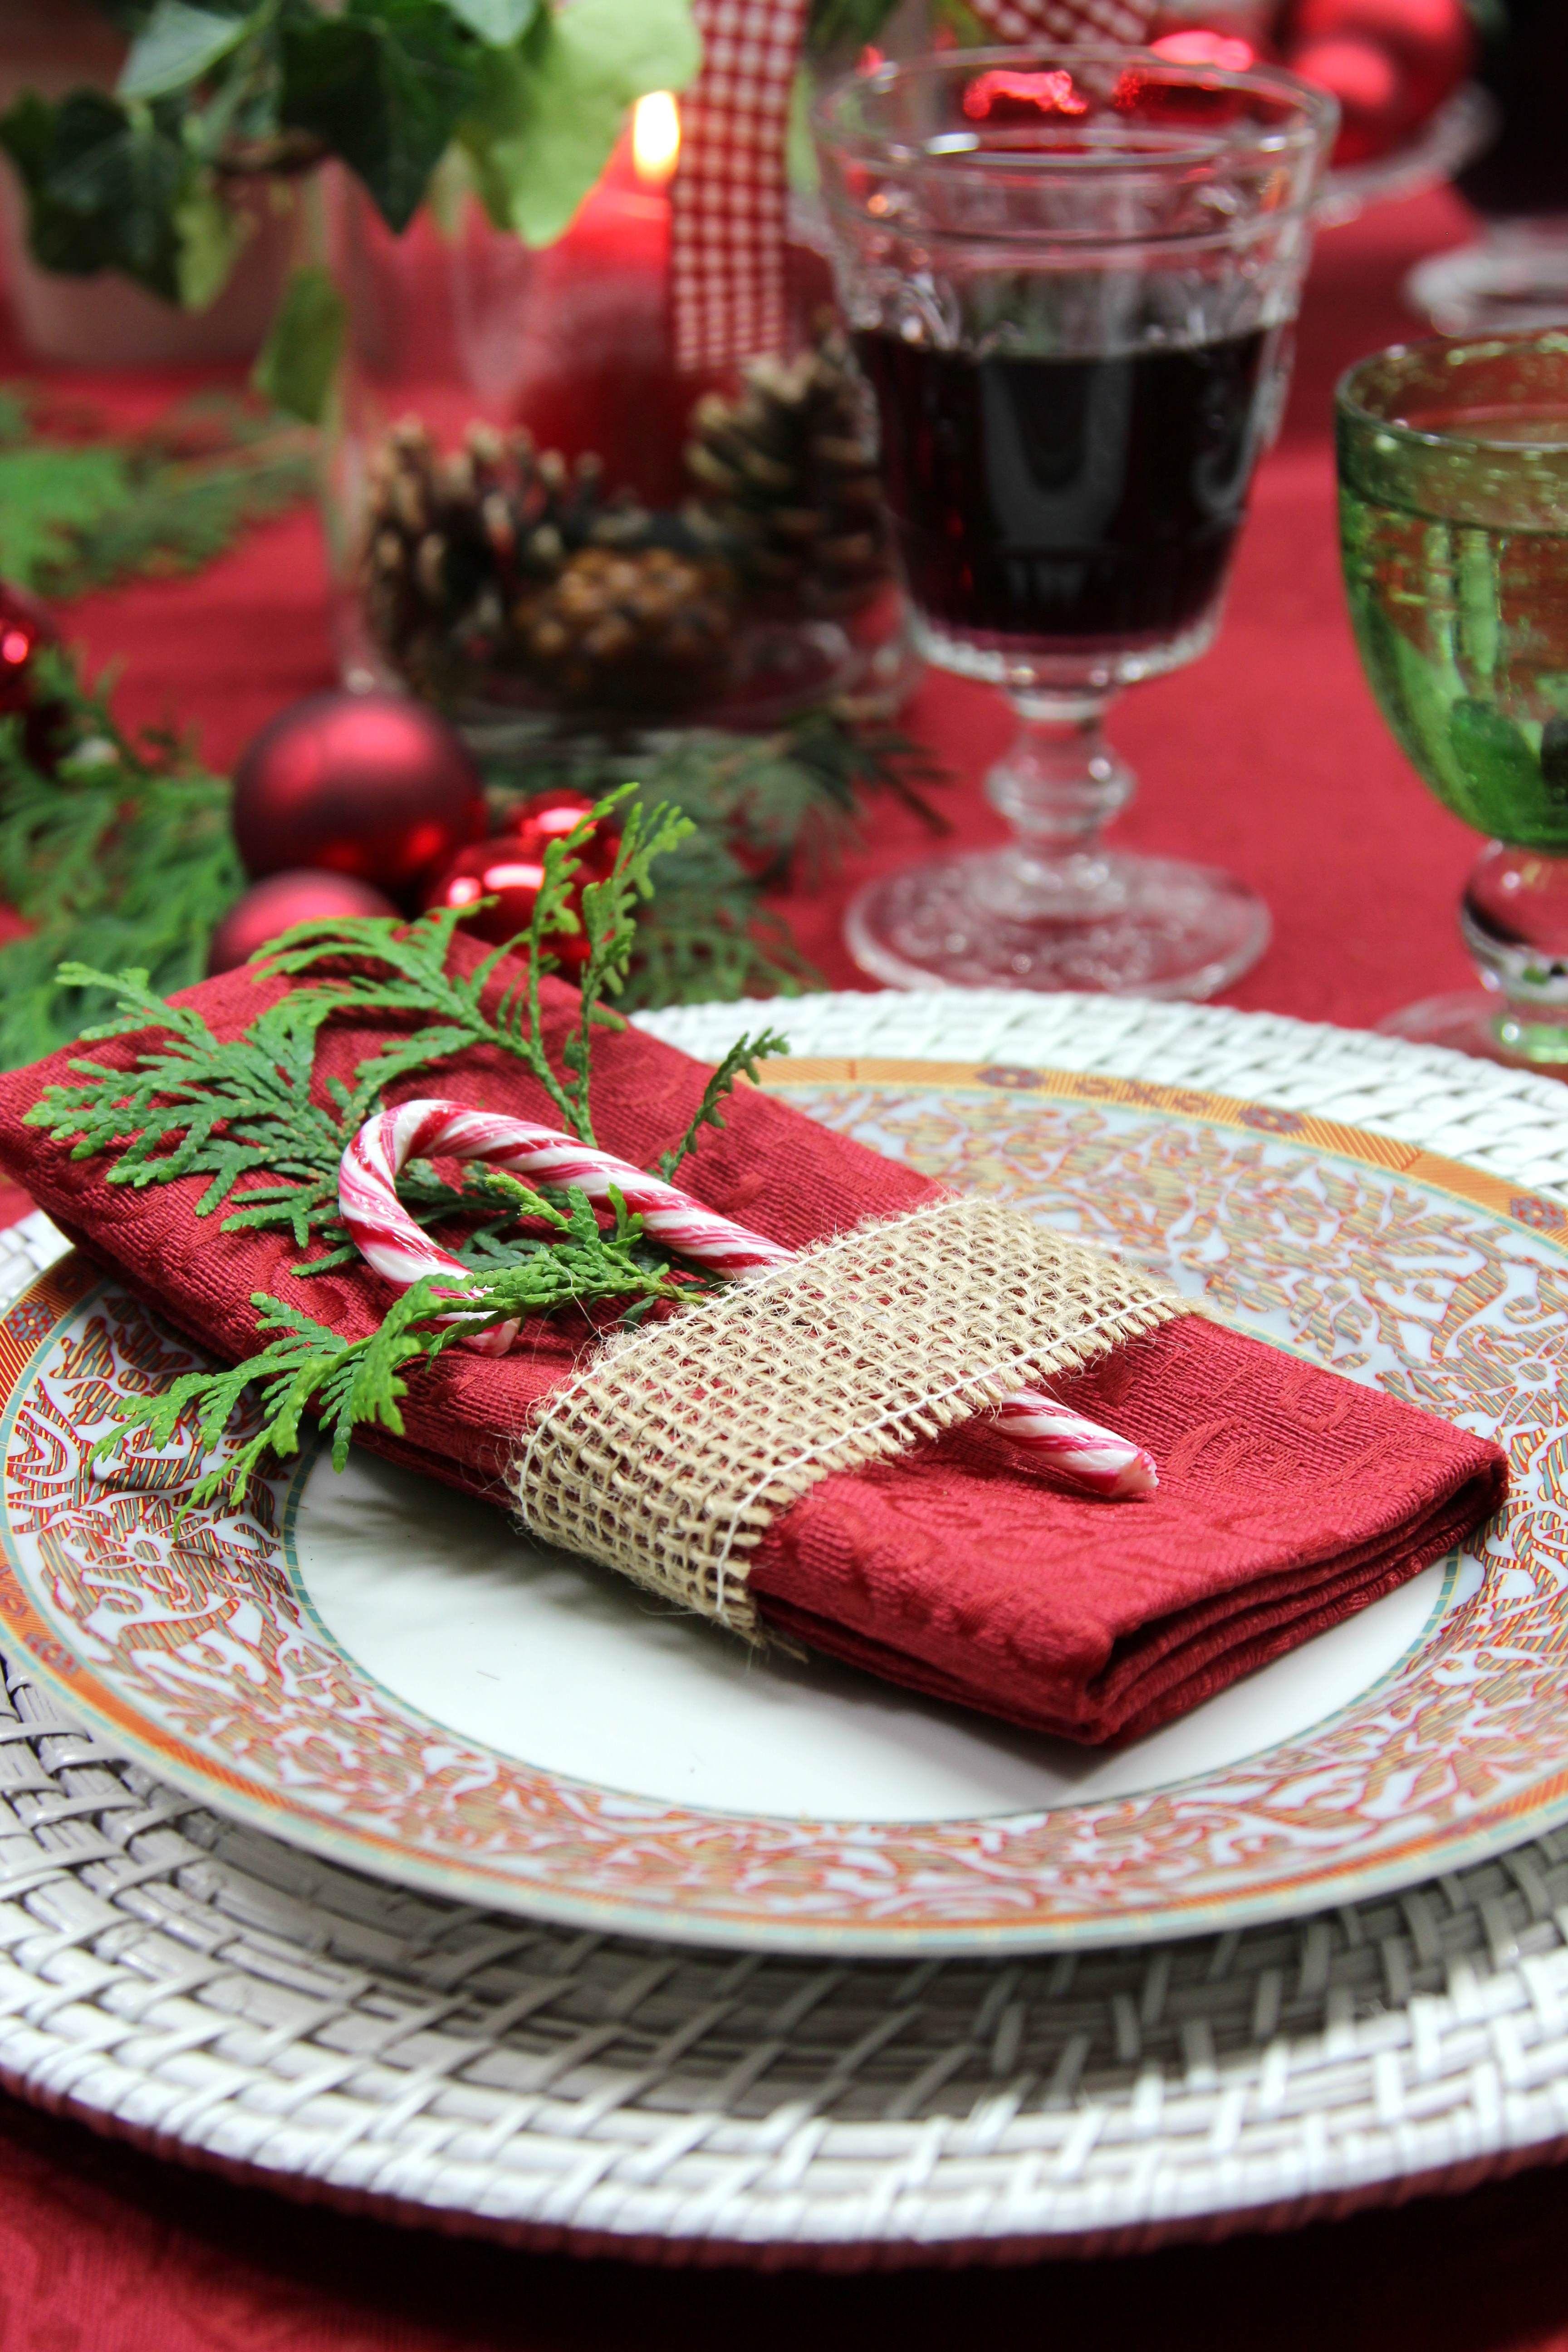 weihnachtstisch gedeck tischw sche von sander weihnachtsdeko pinterest bordd kning og. Black Bedroom Furniture Sets. Home Design Ideas